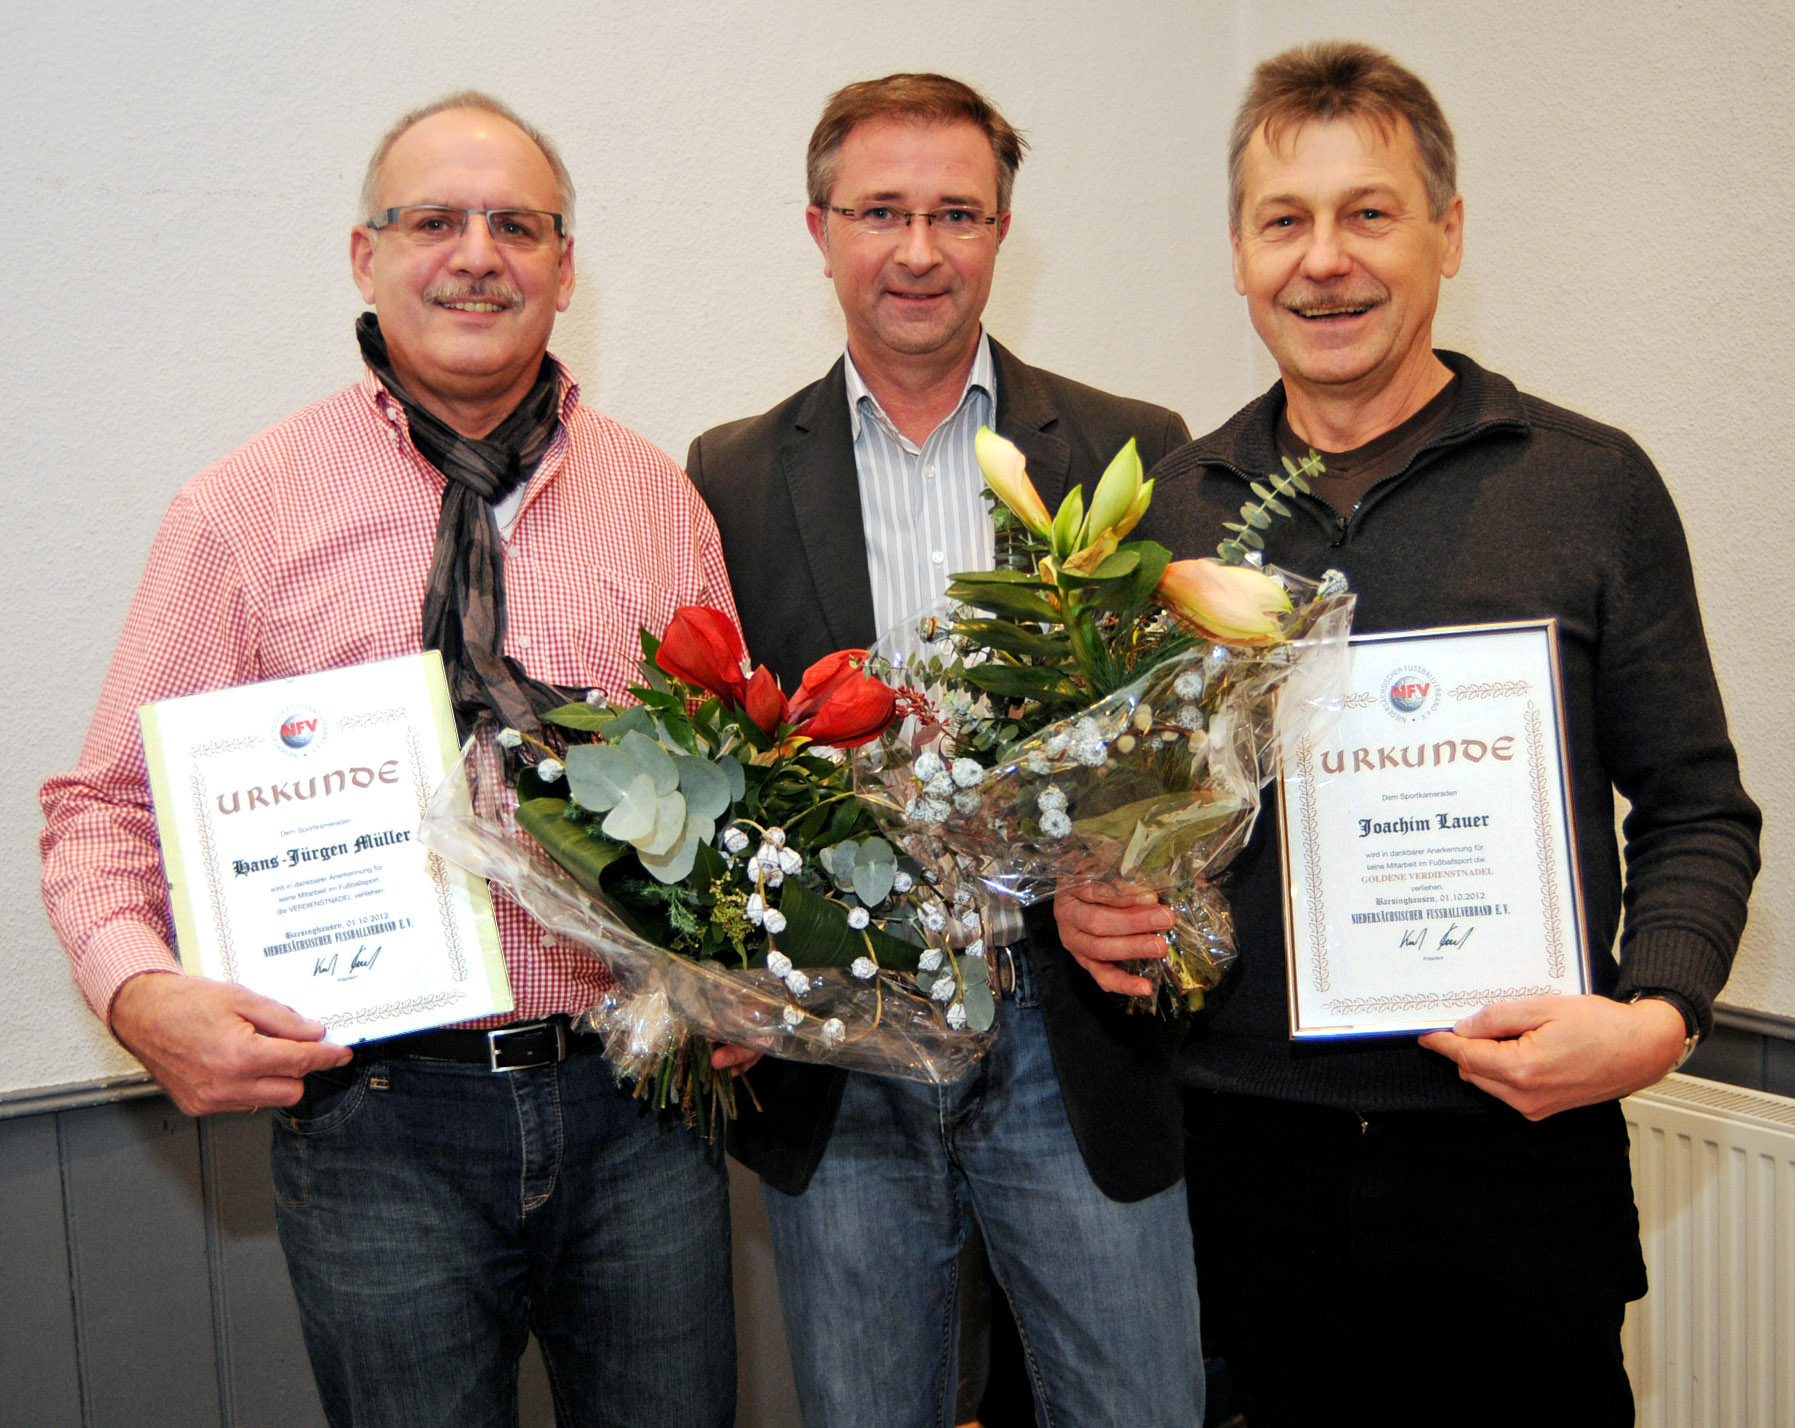 Der NFV ehrte verdiente Schiedsrichter. Von links: Hans-Jürgen Müller, Obmann Marcin Kuczera und Joachim Lauer. Foto: Neumann